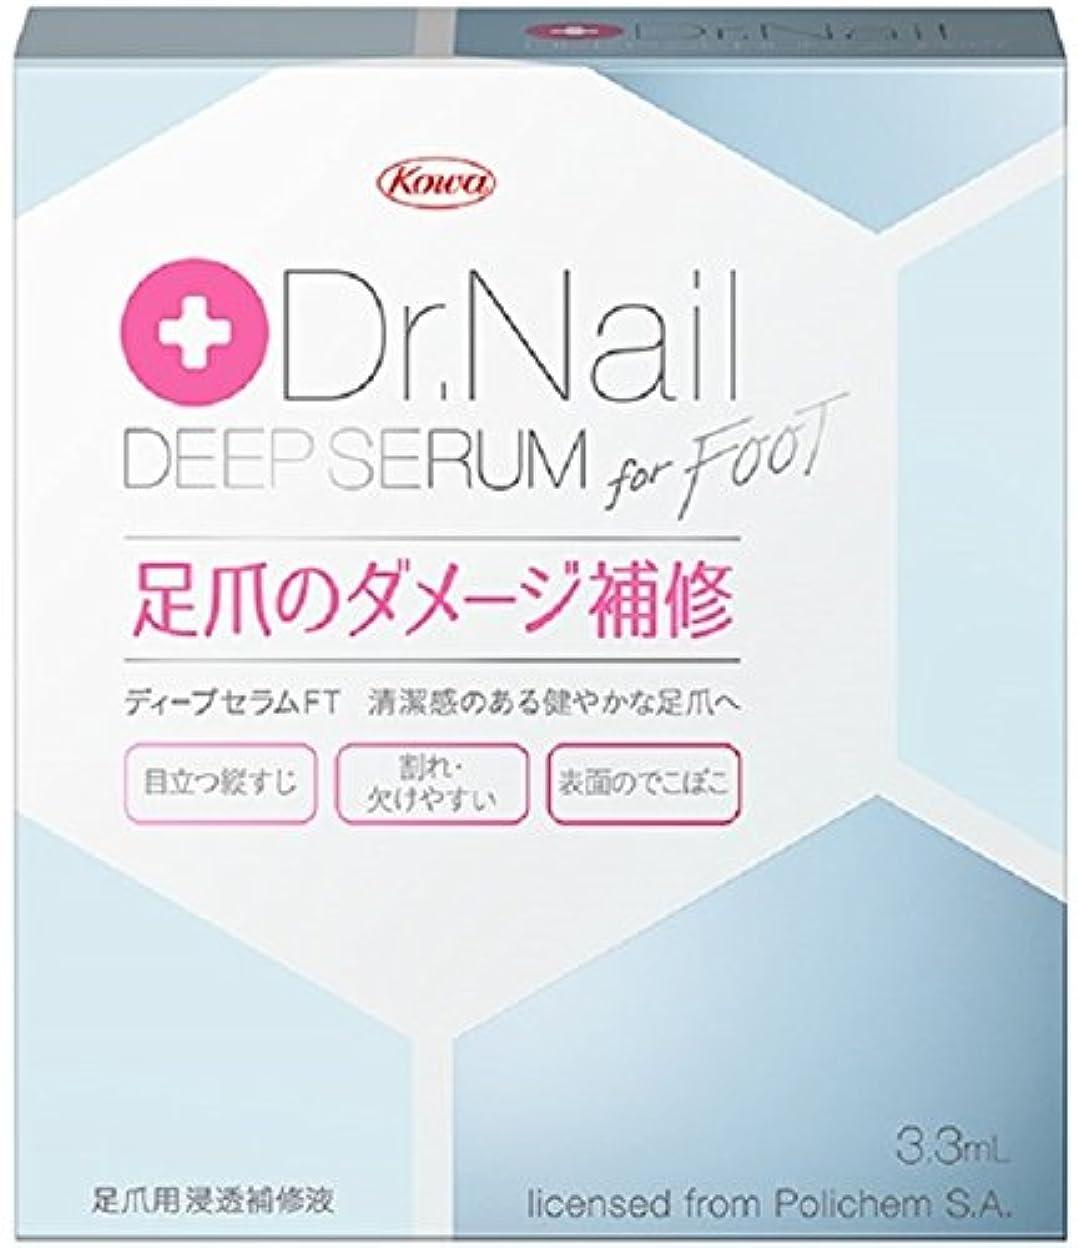 生息地麺ニンニク興和(コーワ) Dr.Nail DEEP SERUM for FOOT ドクターネイル ディープセラム 足爪用 3.3ml